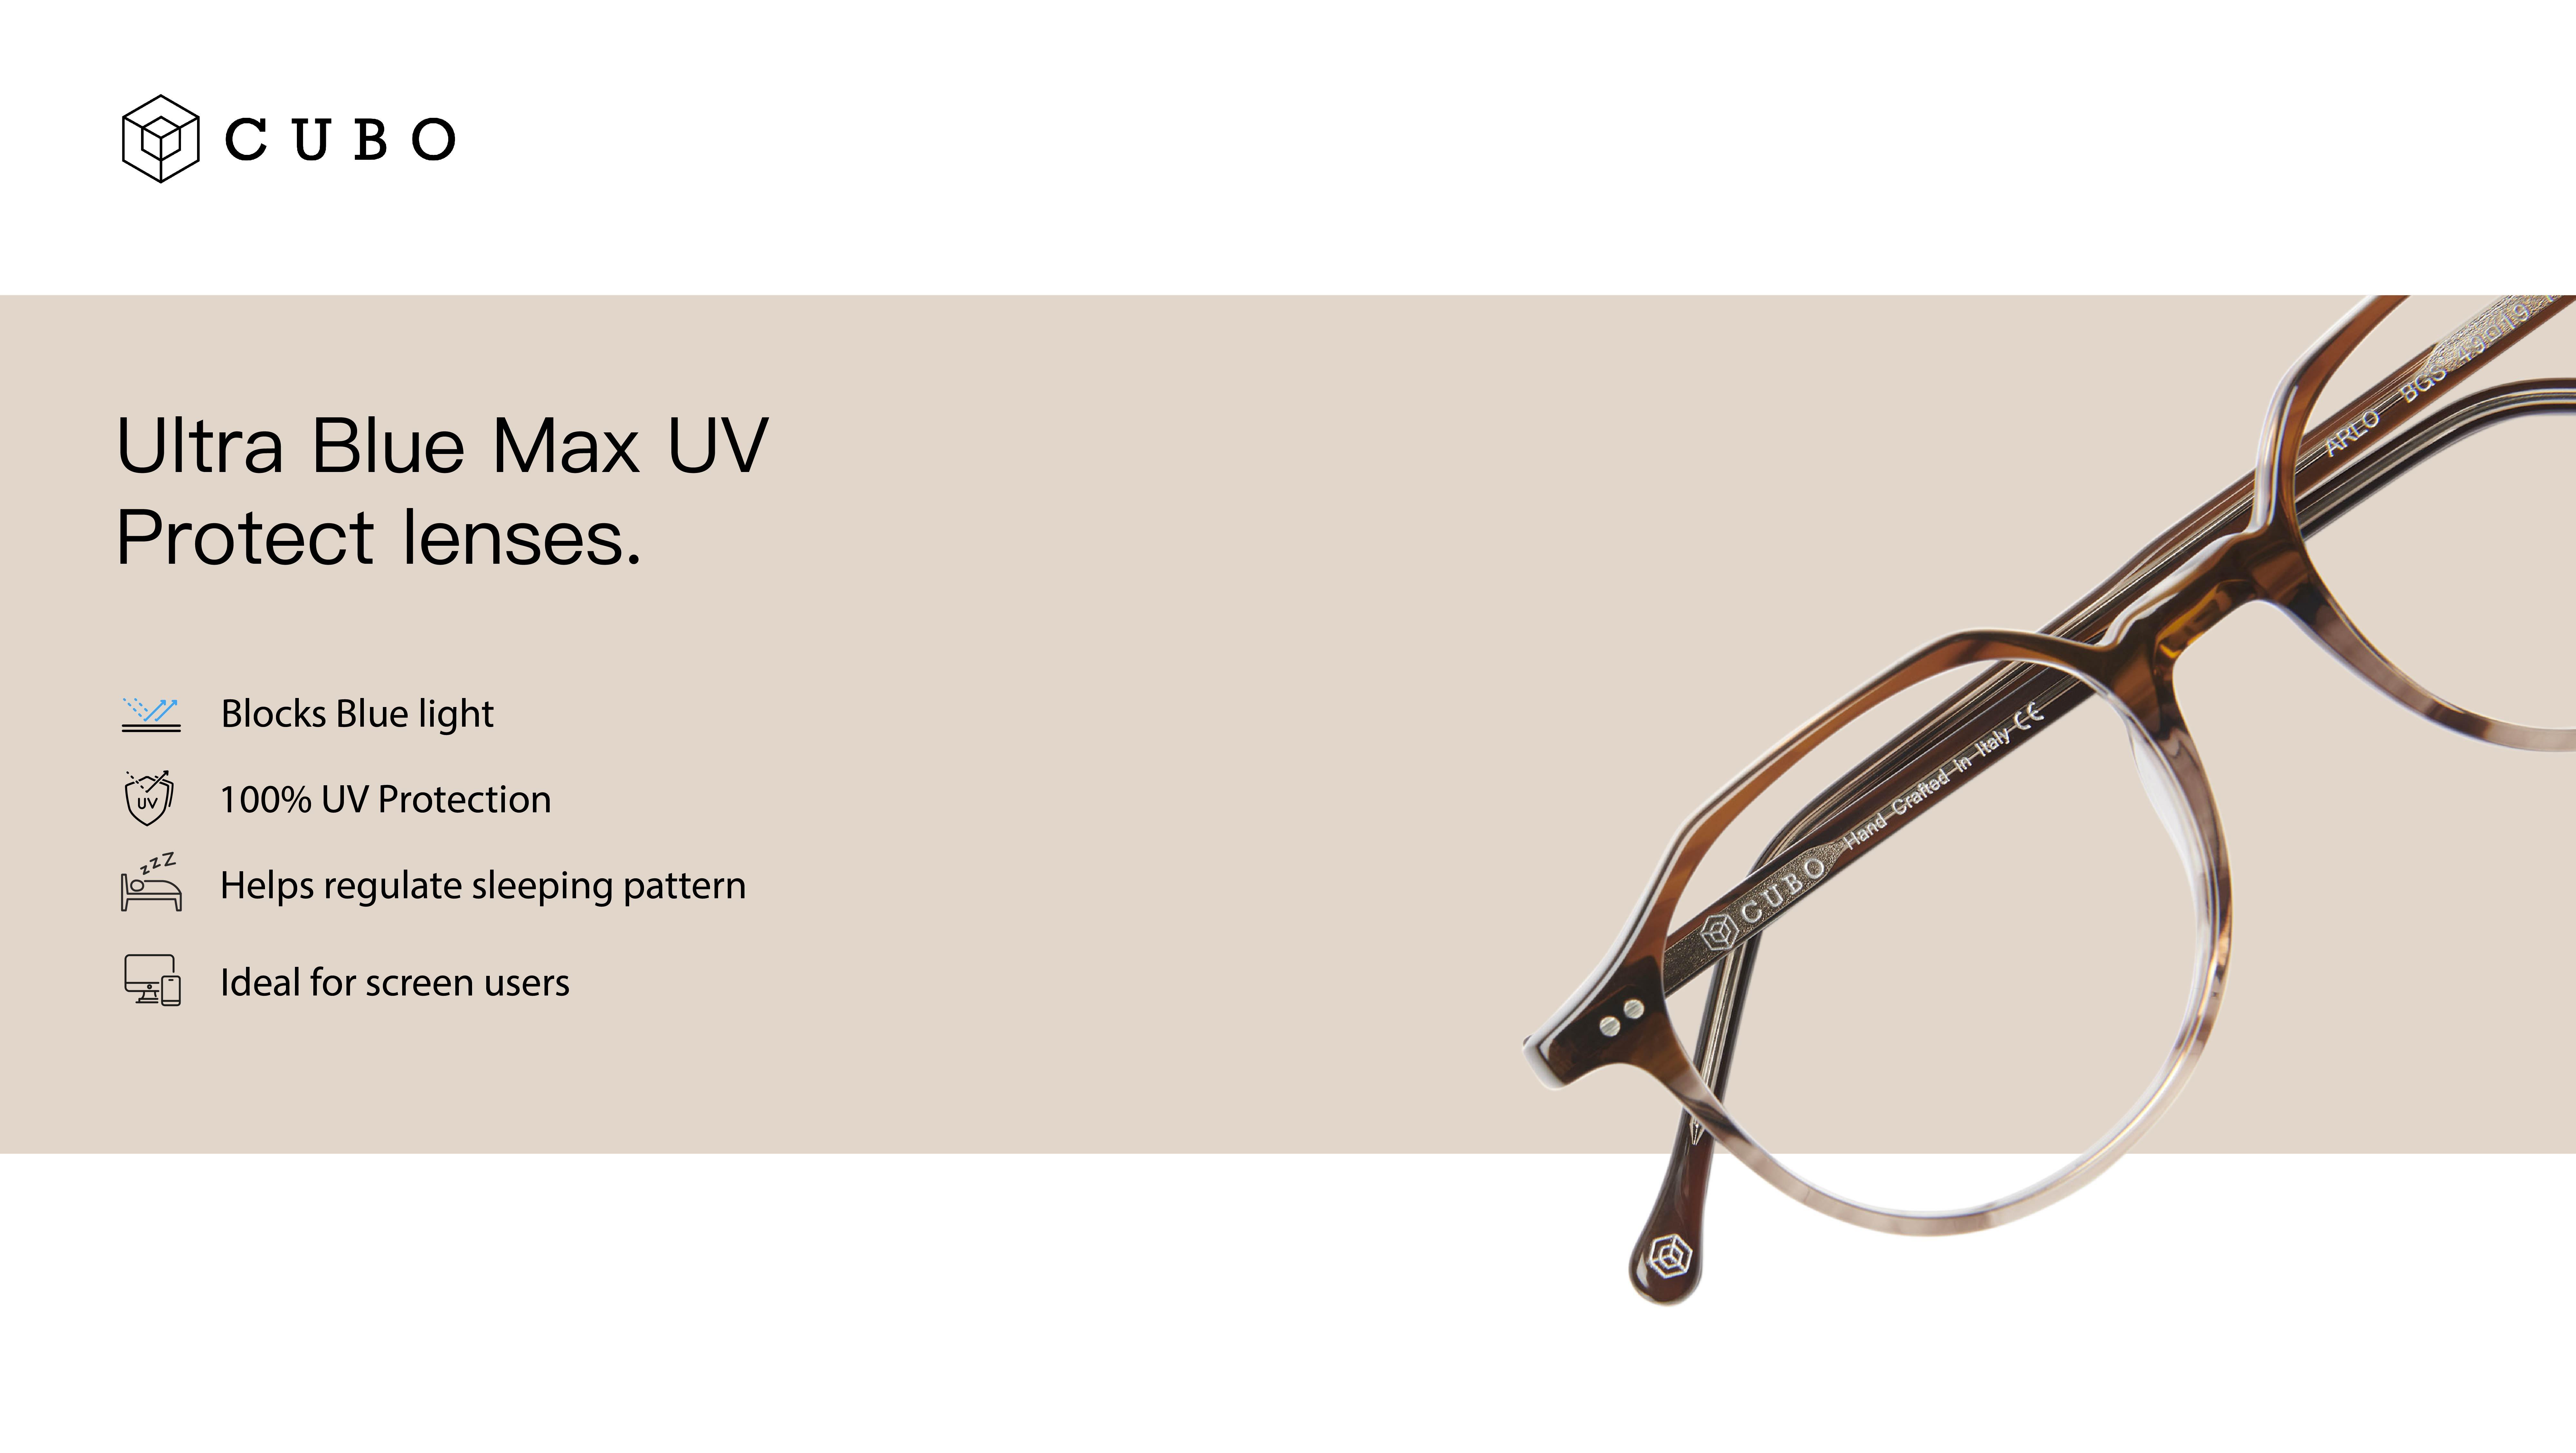 ultra-blue-max-uv-protect-lenses.jpg